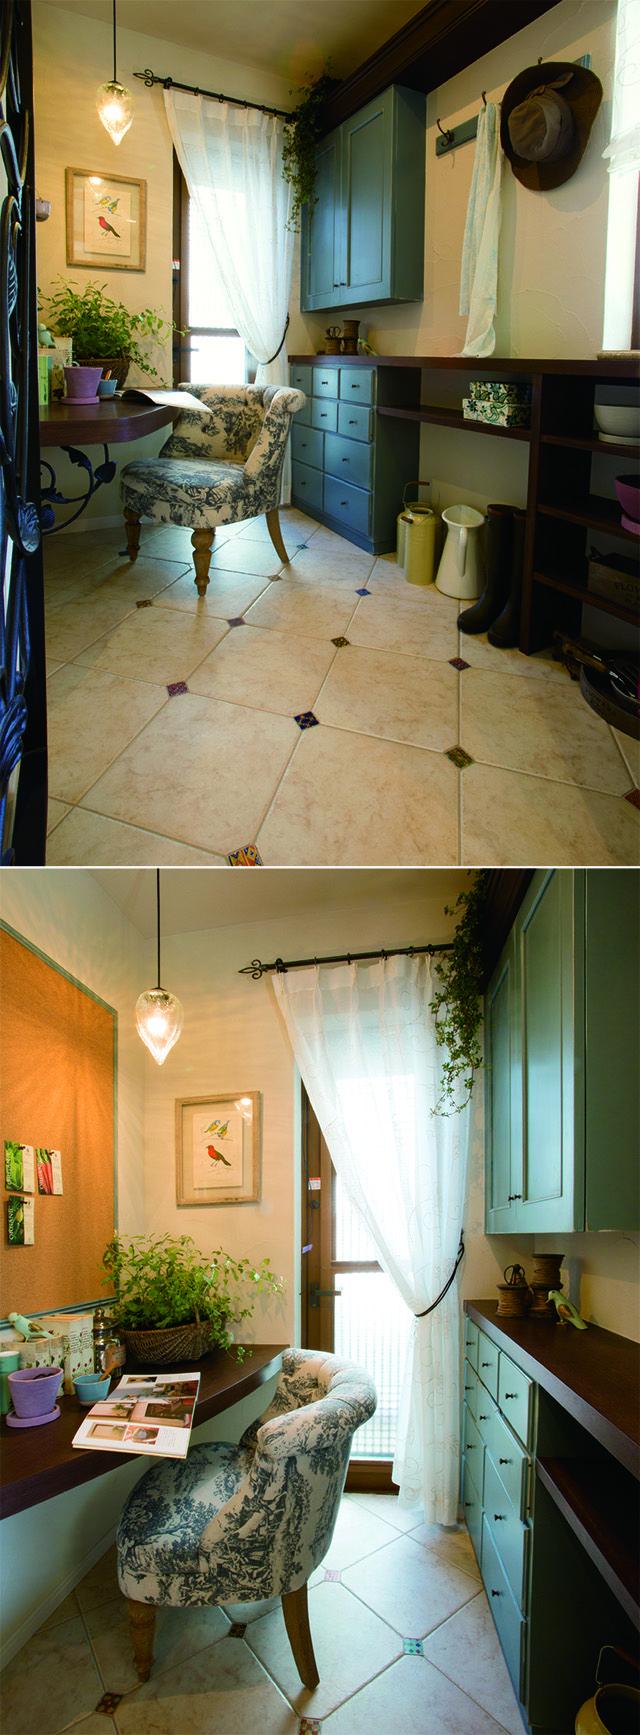 フレンチシャビーなインテリアでまとめた、奥様の隠れ家的な書斎。|インテリア|おしゃれ|自然素材|飾り棚|